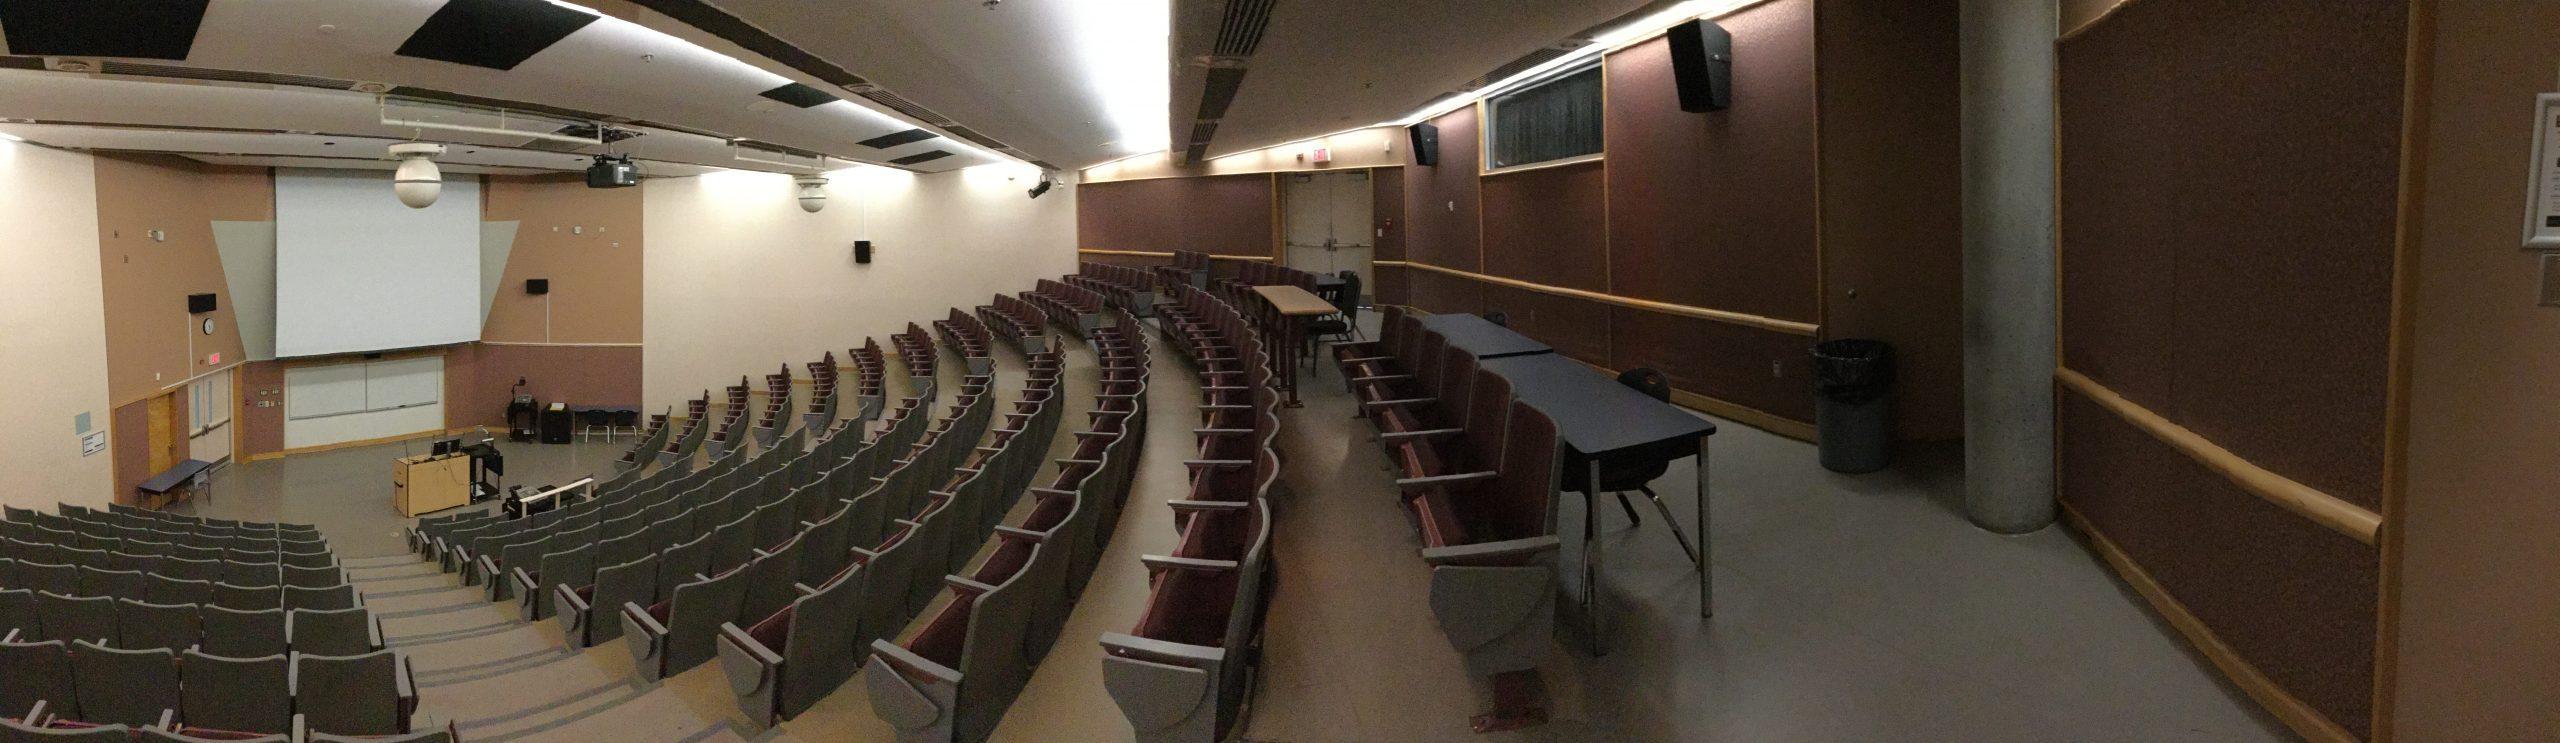 TELUS Theatre - Building SE06, Room 233